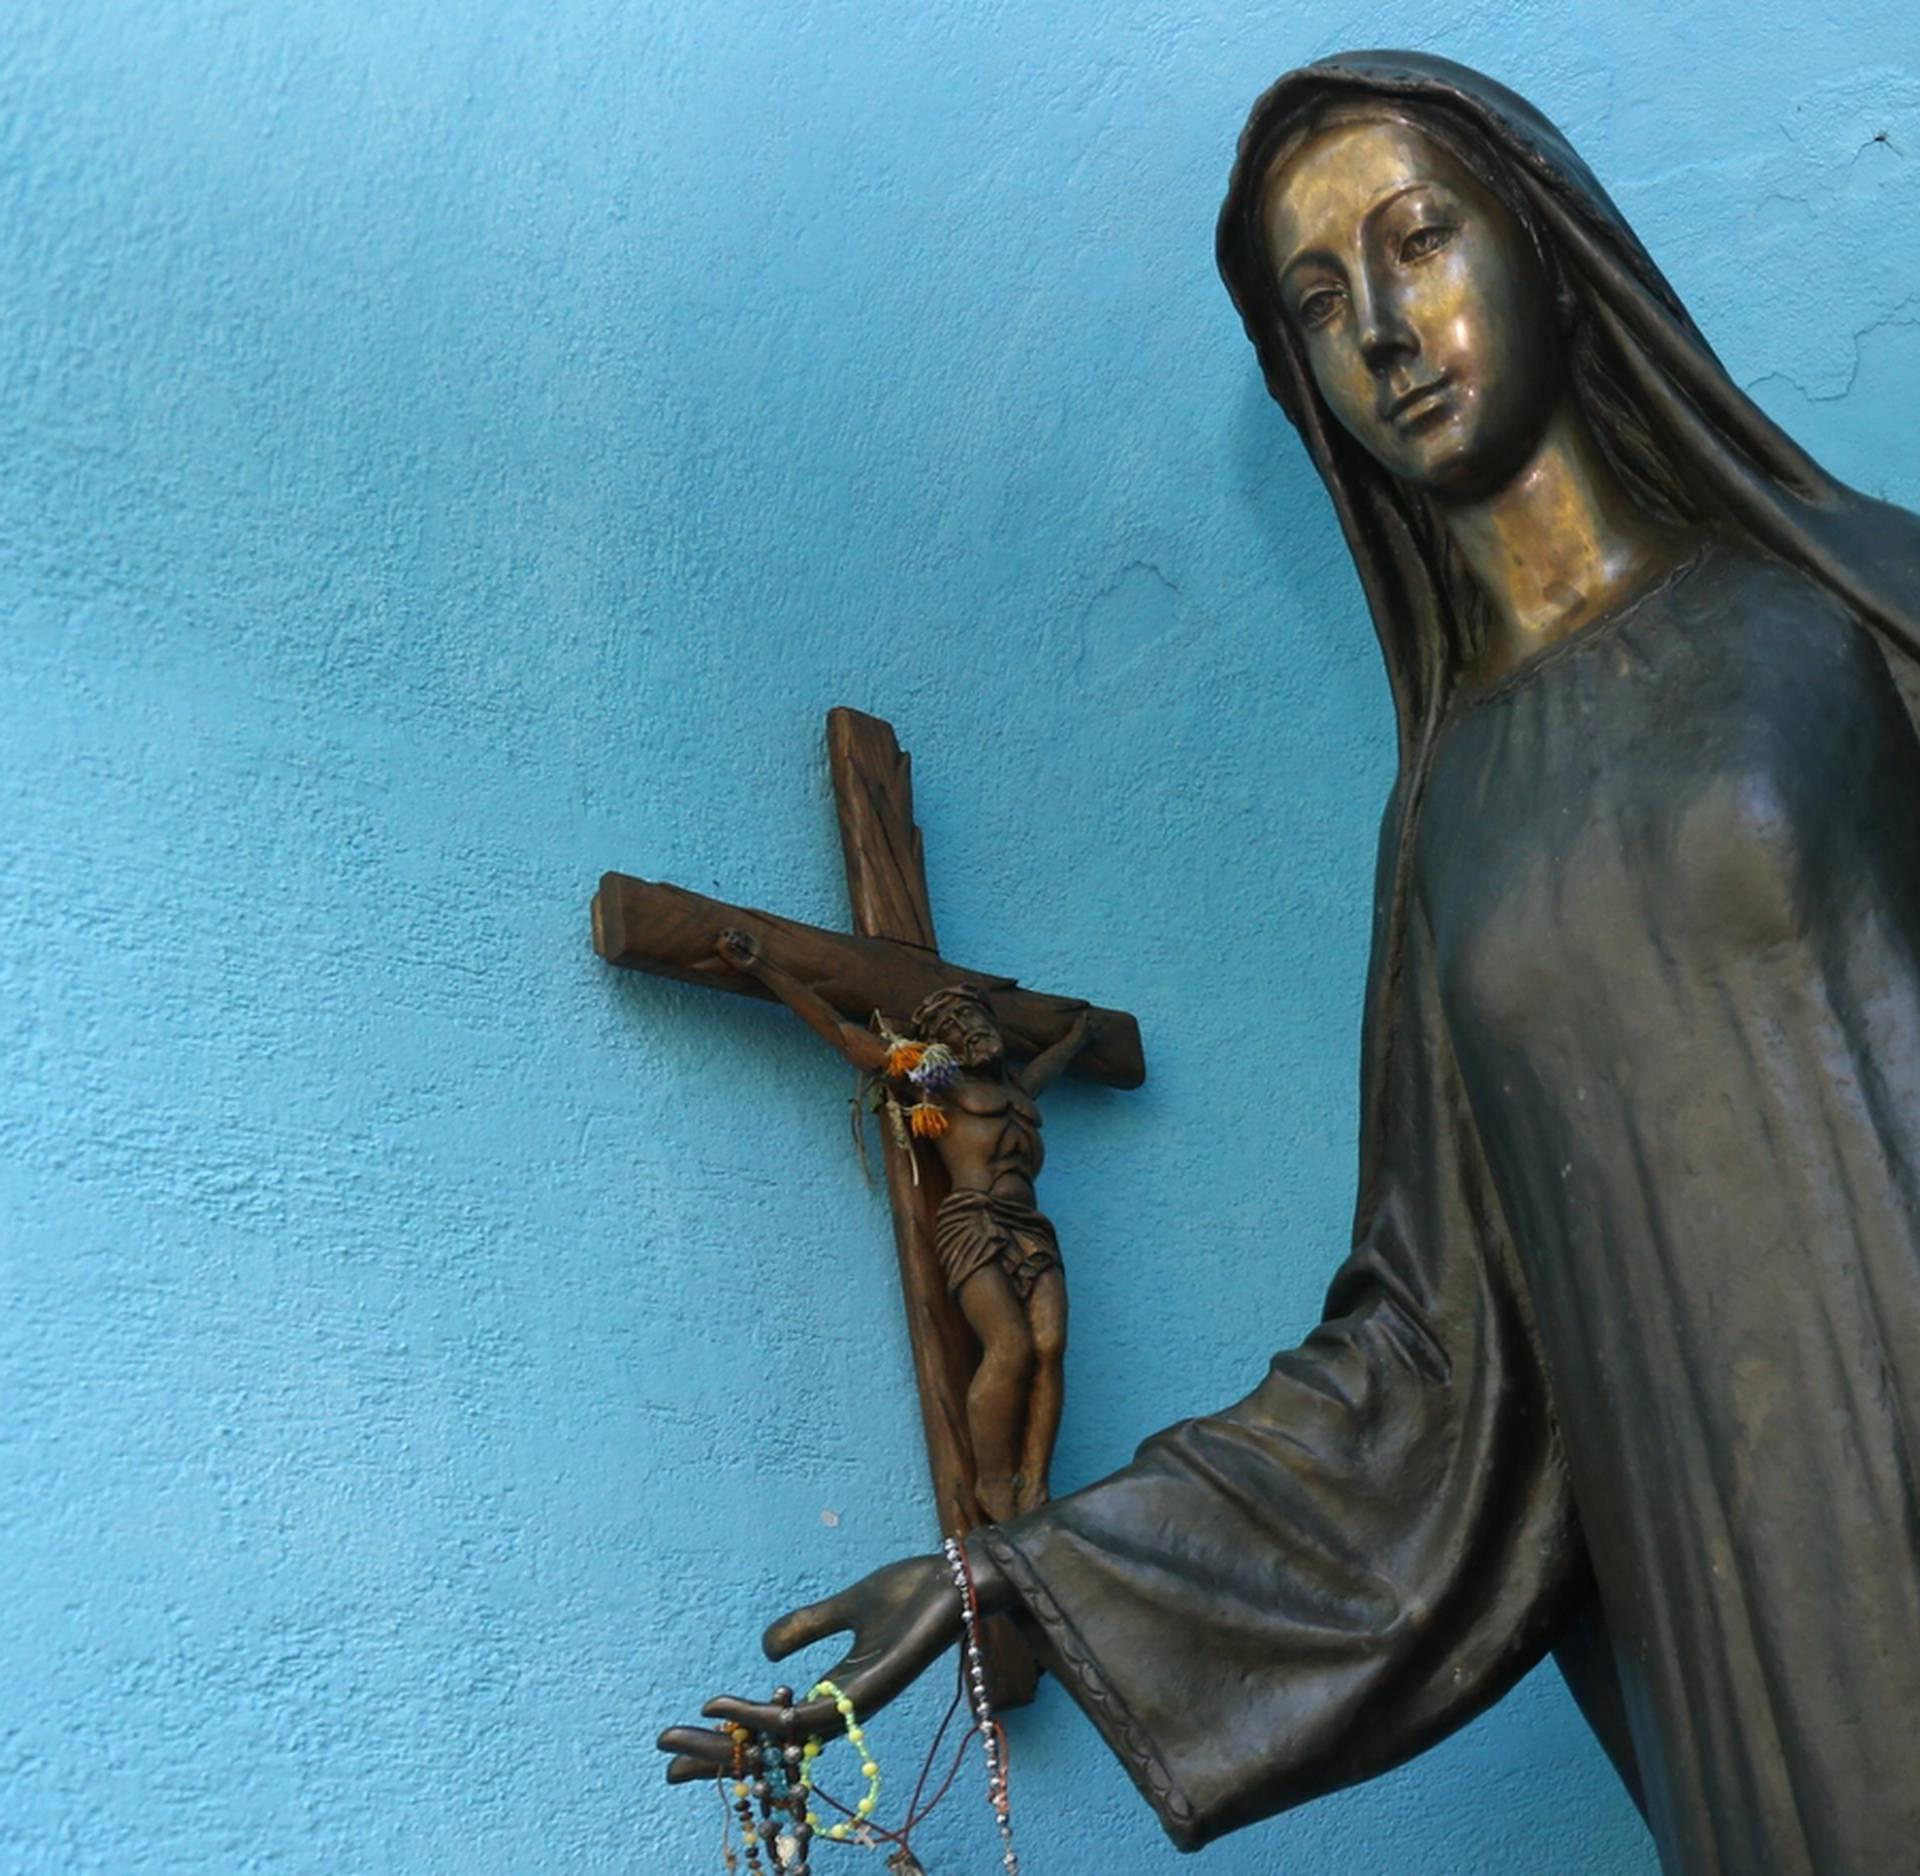 Vidioci: Gospa je rekla da je ne zatajimo kao Petar Isusa..